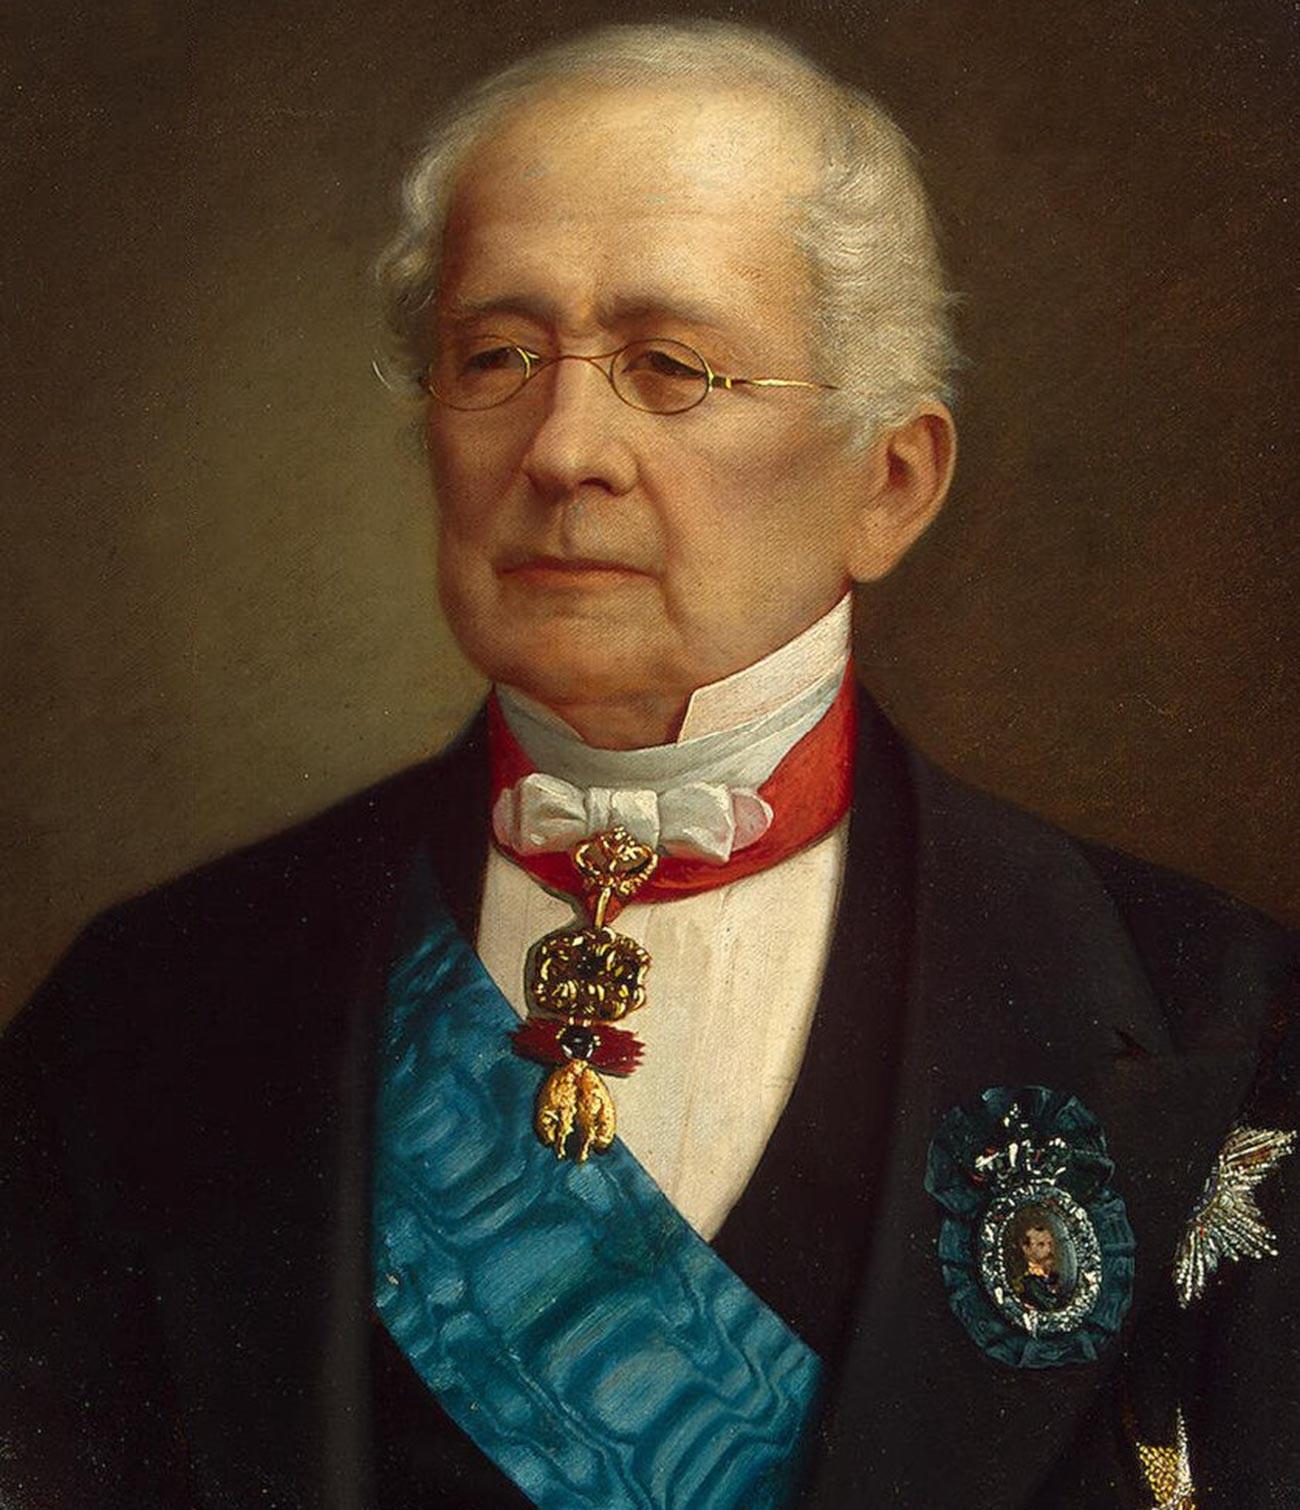 Pangeran Gorchakov mengabdikan seluruh hidupnya untuk layanan diplomatik.